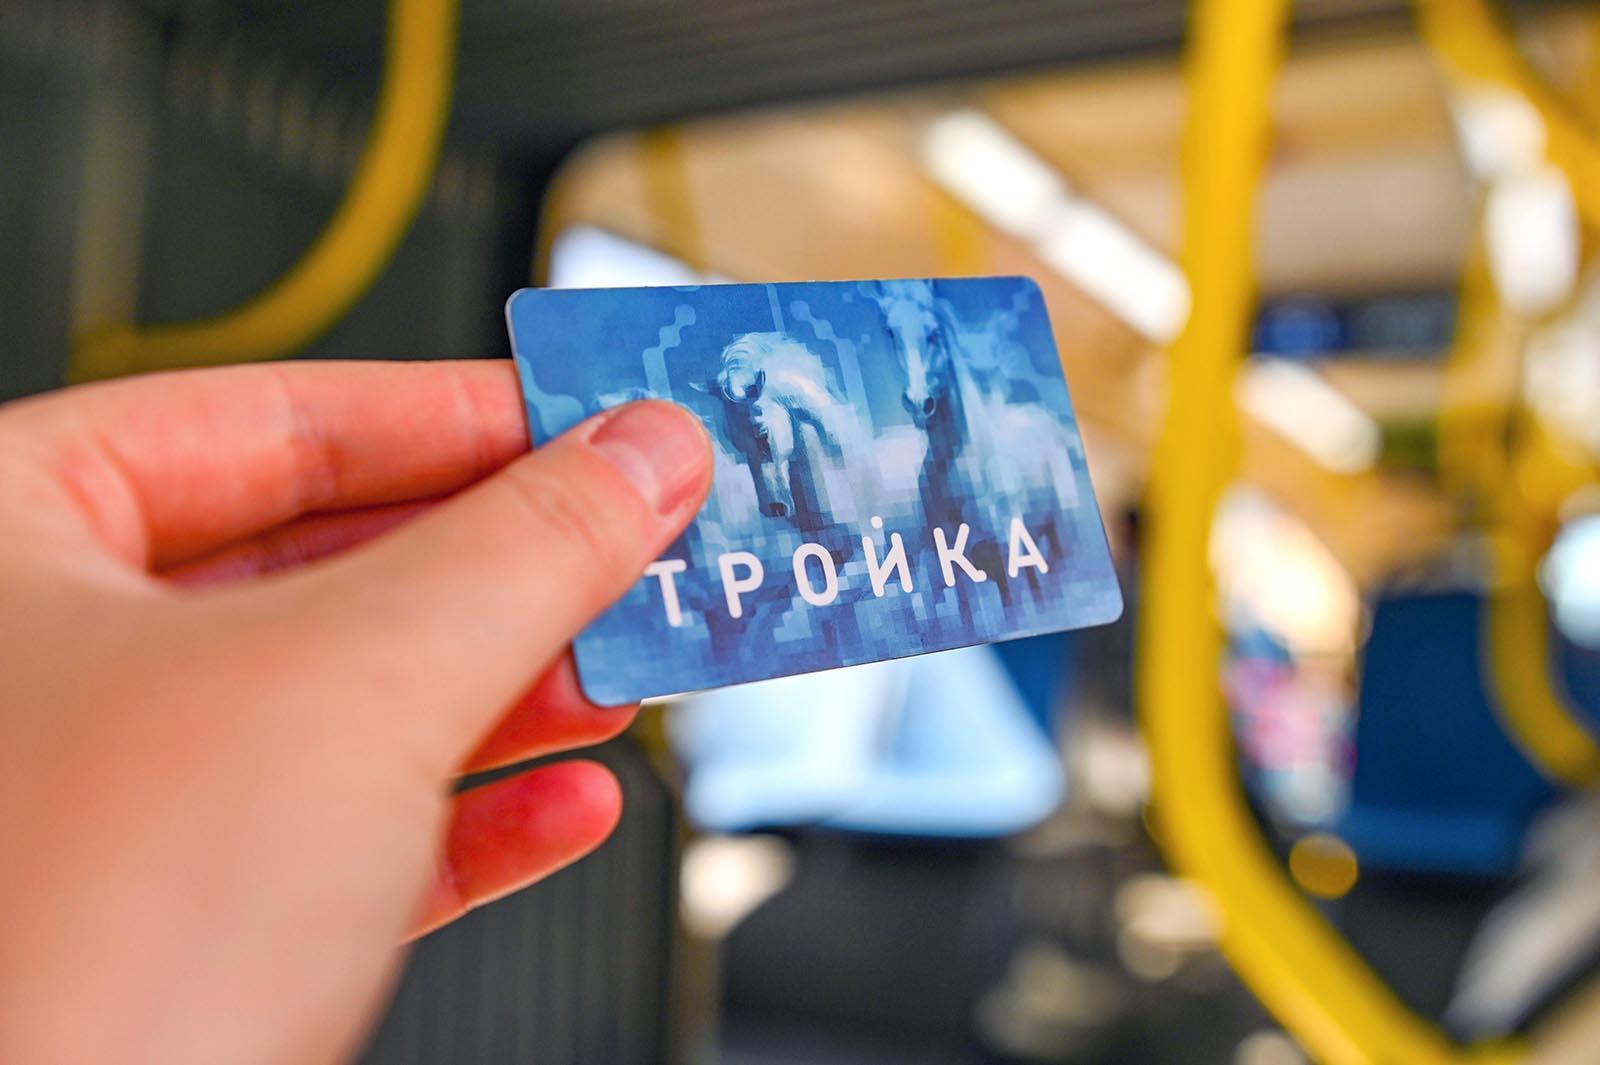 Оплату проезда на основе тарифных зон в наземном транспорте в Троицком округе отменят с 1 сентября